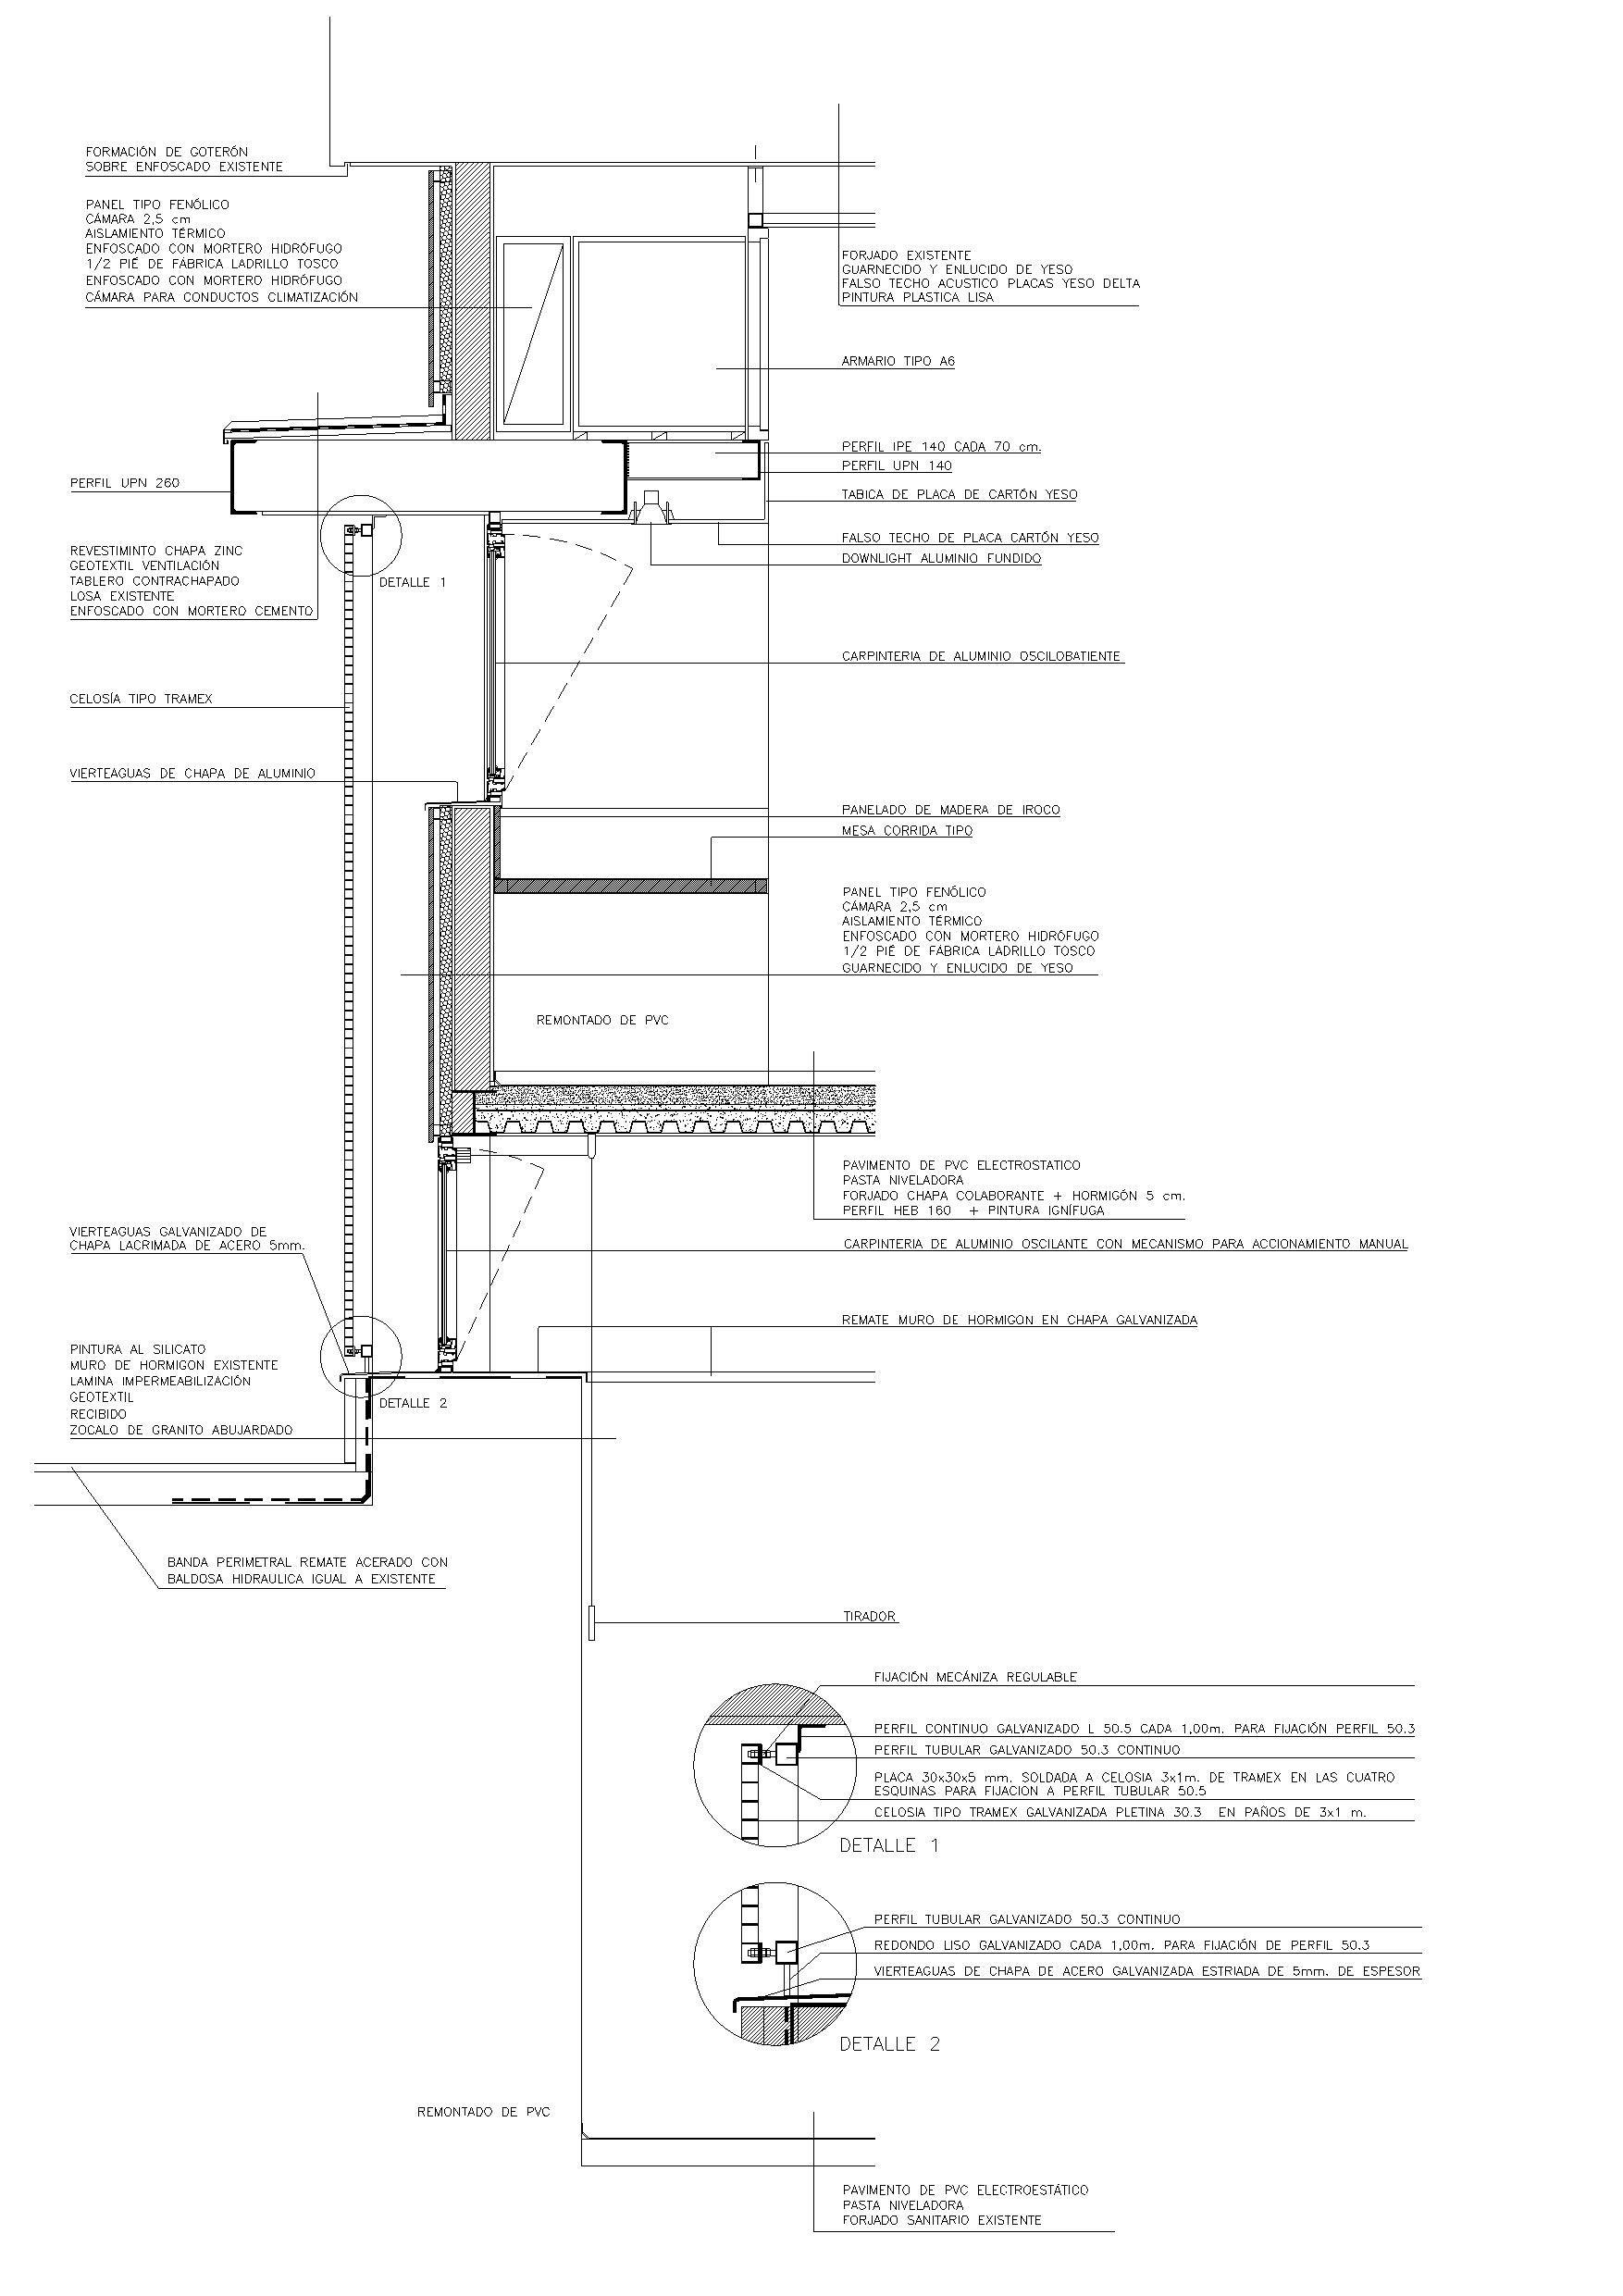 Estudio Arquitectura - Alberich-Rodriguez Arquitectos / Francisco Domouso